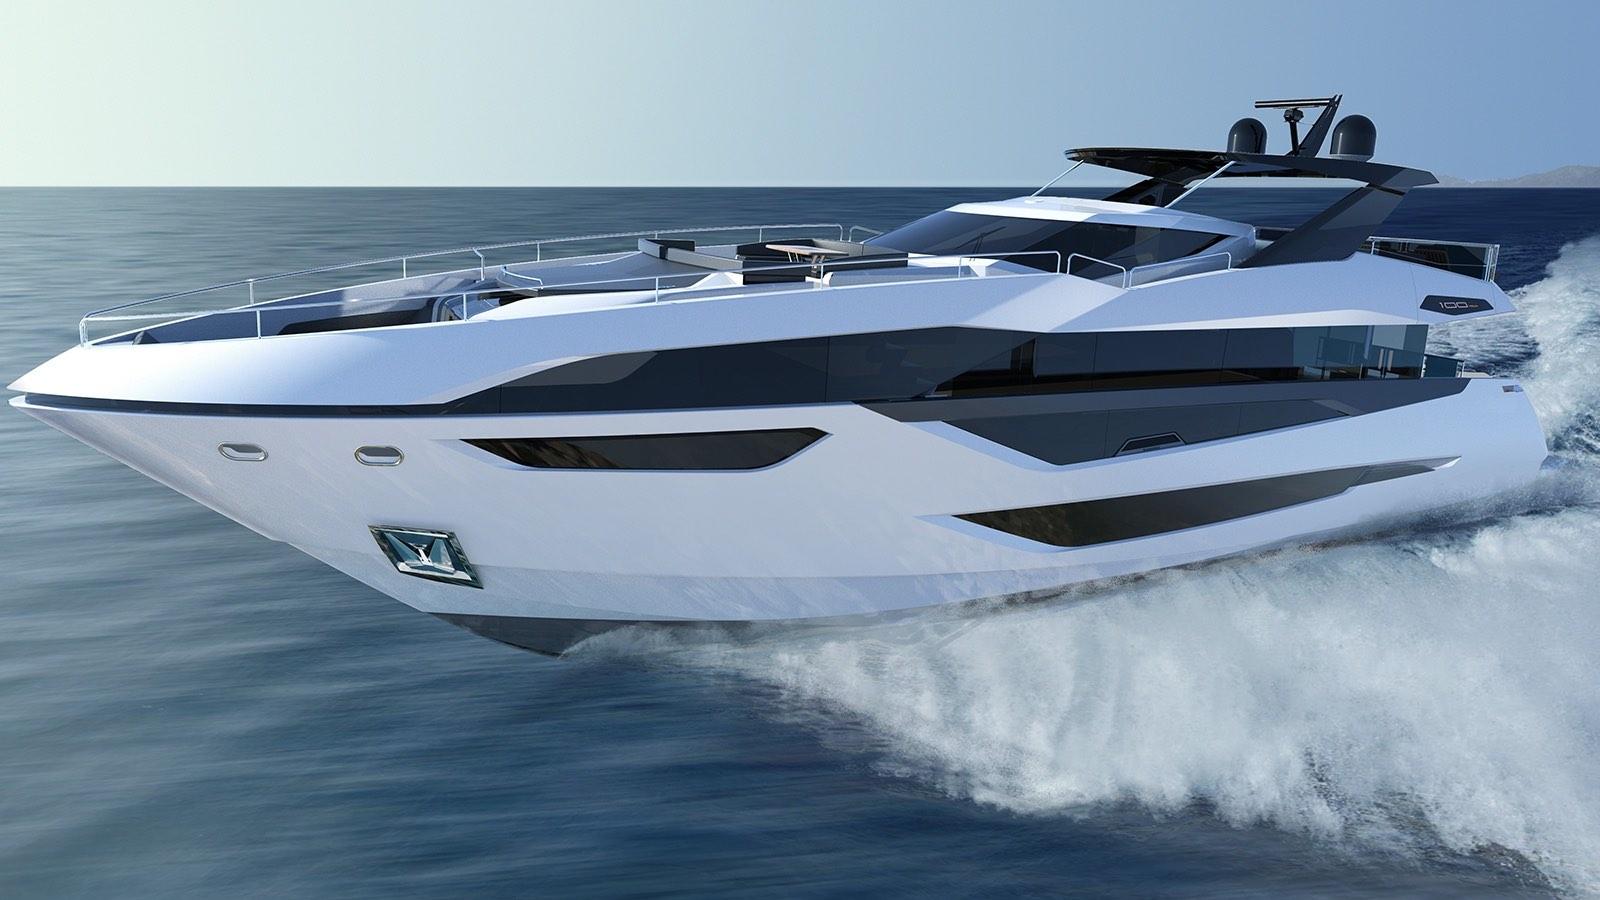 El yate Sunseeker 100 promete ser un espectáculo en el mar